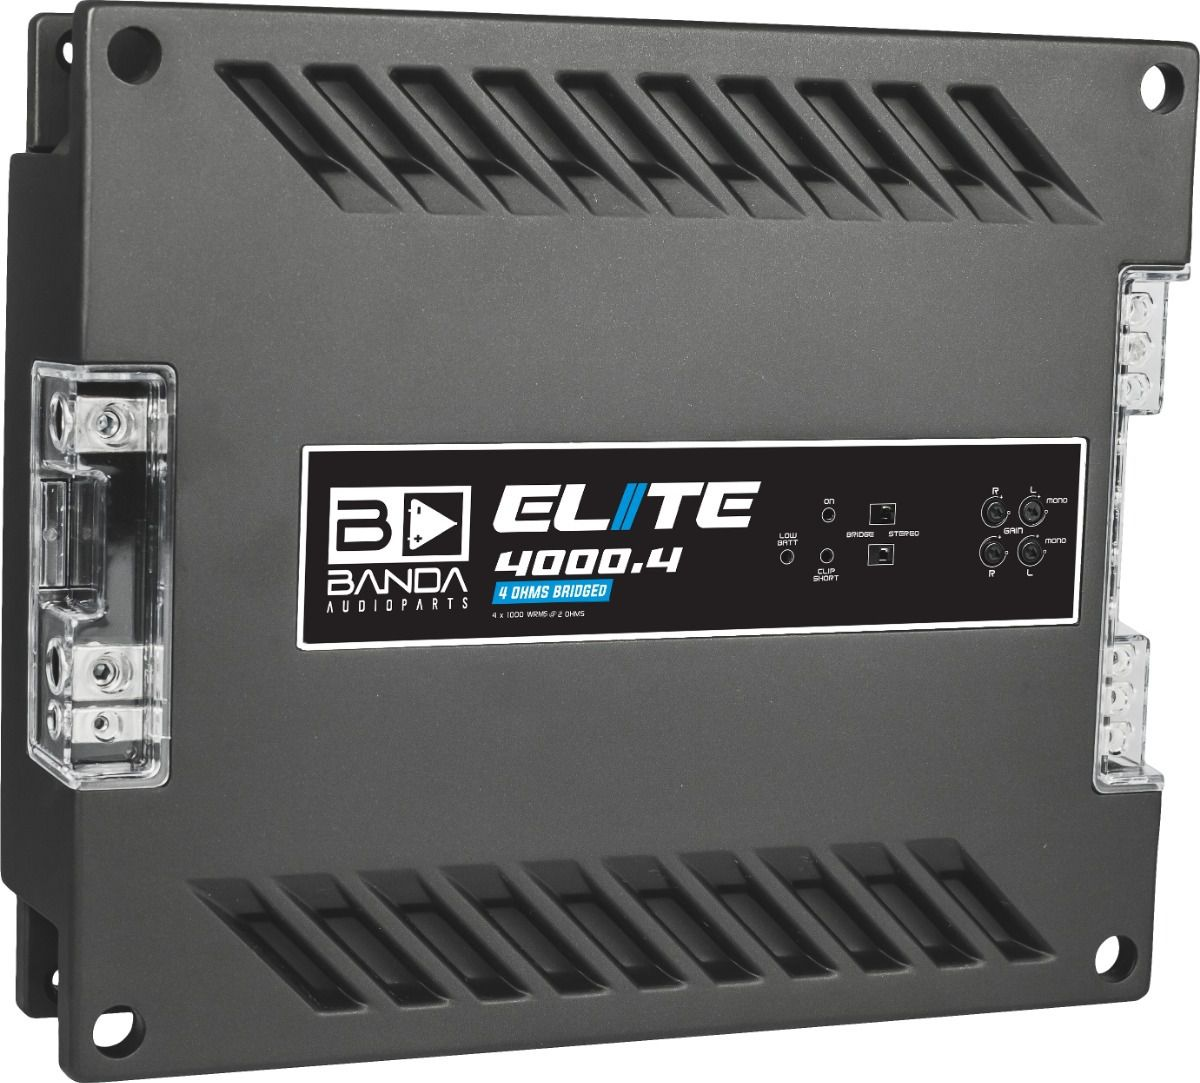 Módulo Amplificador Banda Elite 4000 4 Canais 2 Ohms